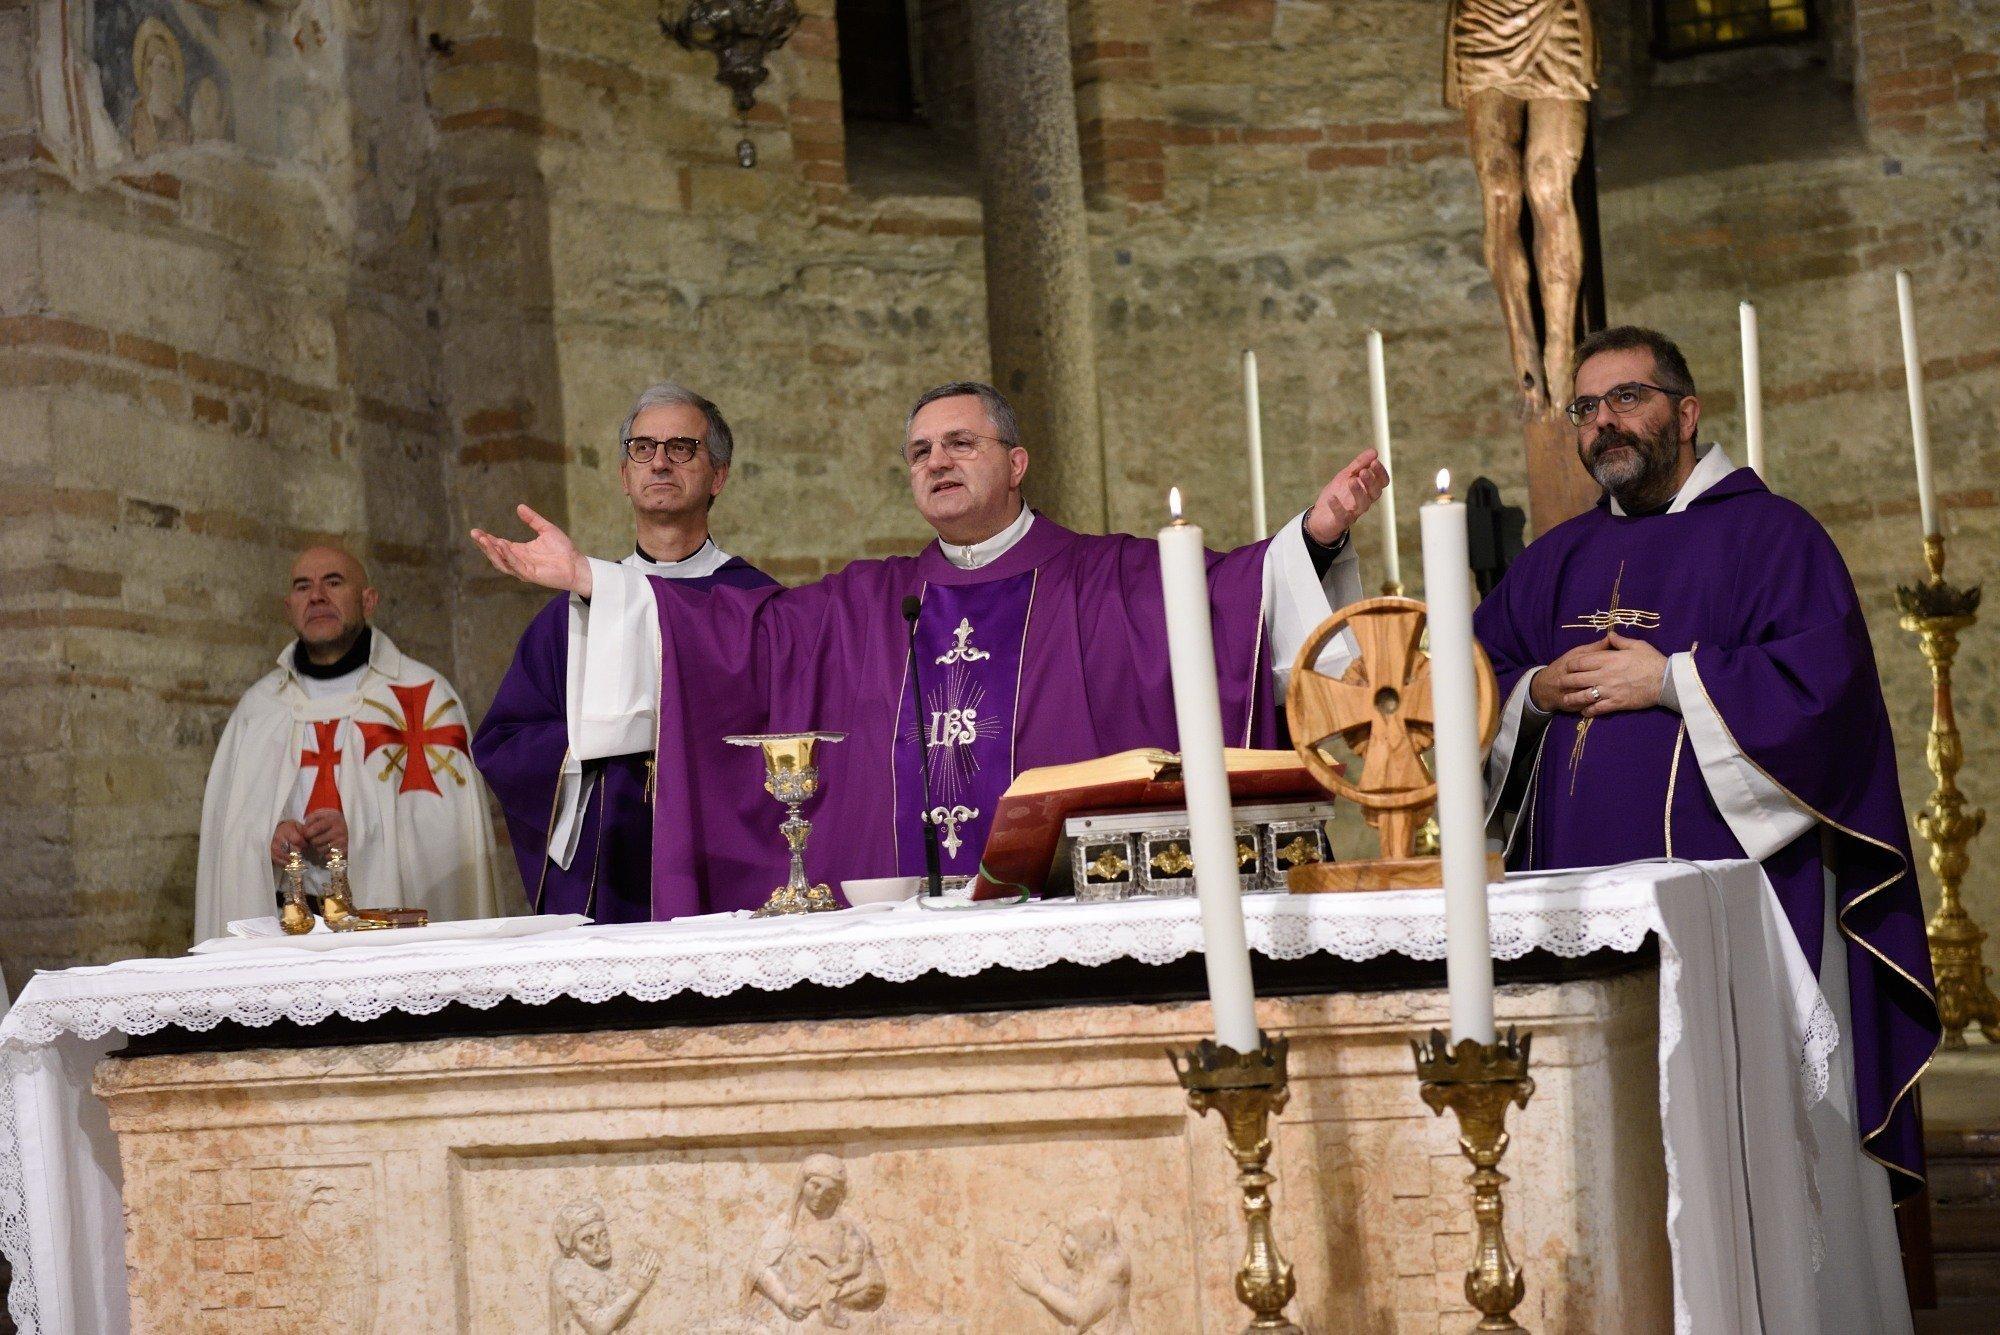 Chiesa di San Fermo - Verona - Templari Cattolici foto 06